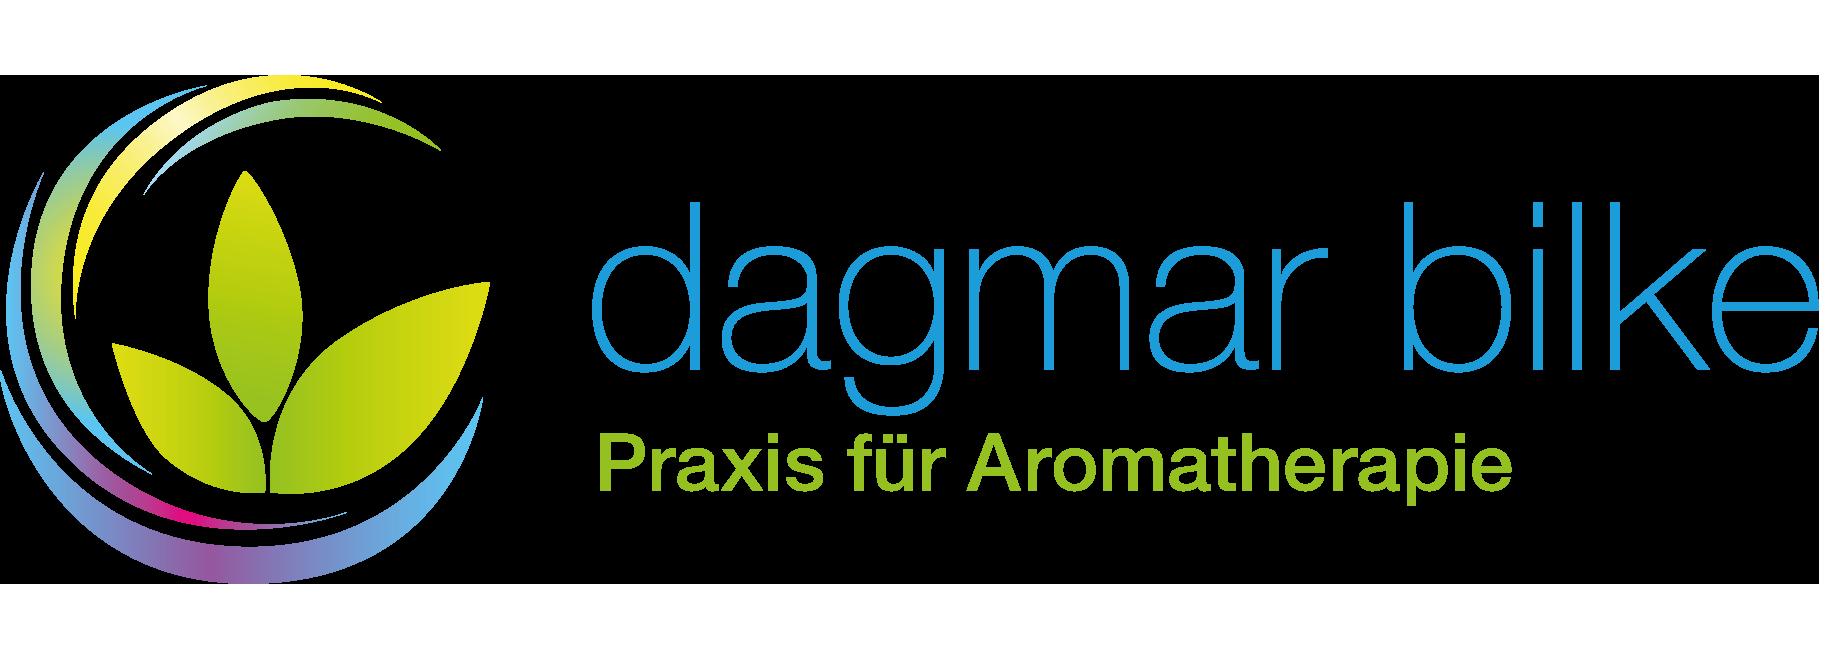 Dagmar Bilke – Praxis für Aromatherapie